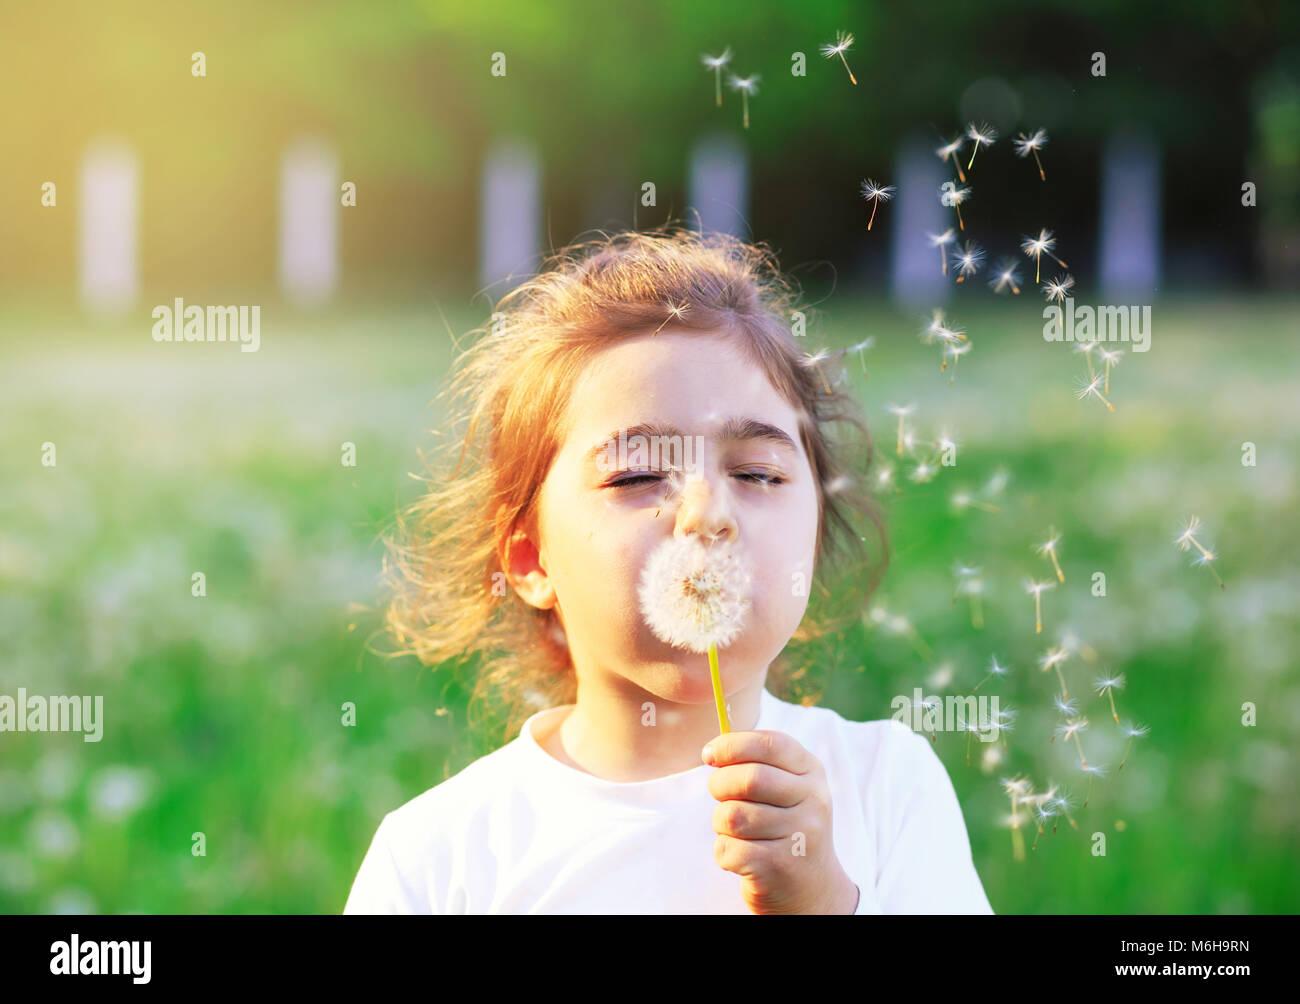 Wunderschöne kleine Mädchen bläst Löwenzahn Blume im sonnigen Sommer Park. Happy cute kid Spaß Stockbild